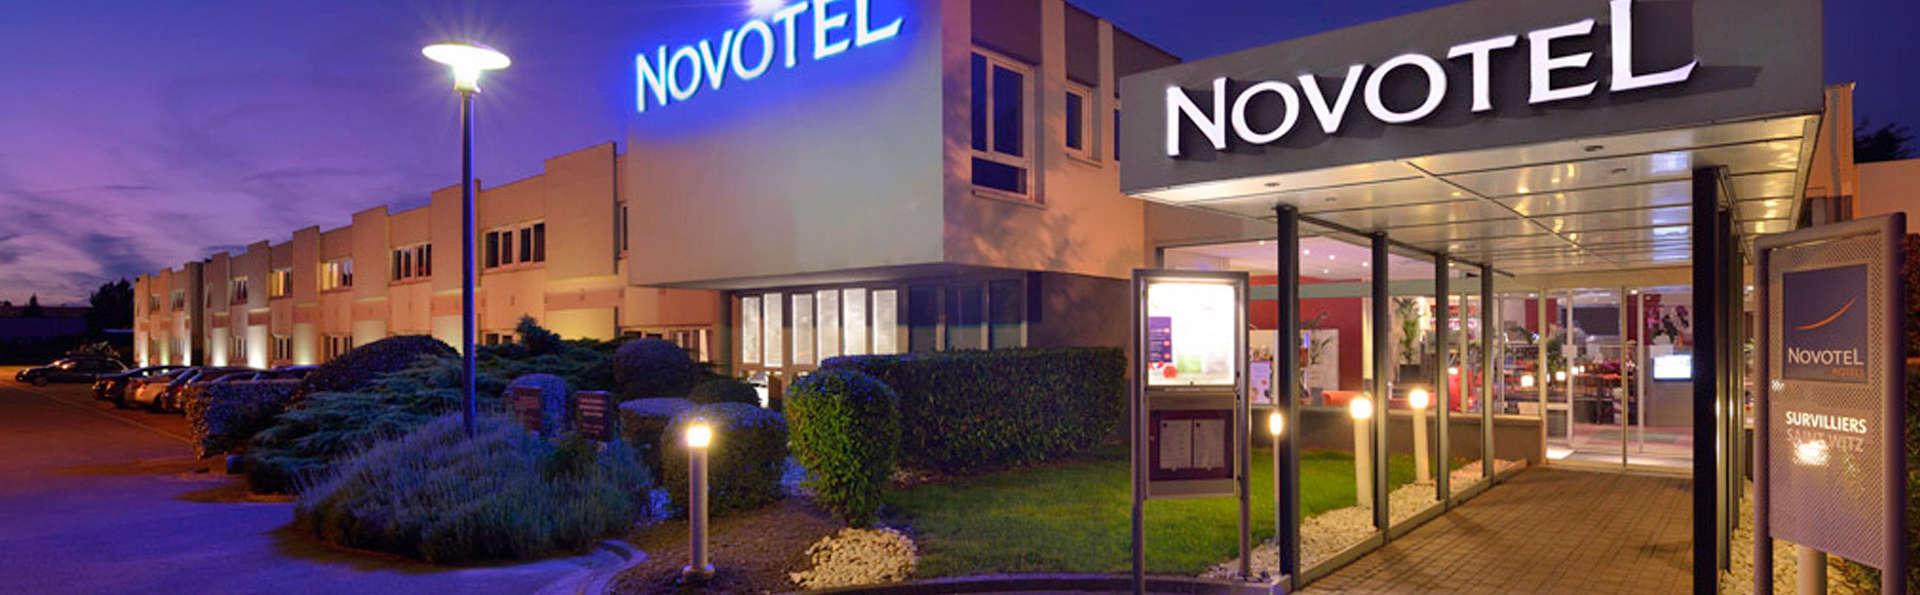 Novotel Roissy Saint Witz - EDIT_front55.jpg